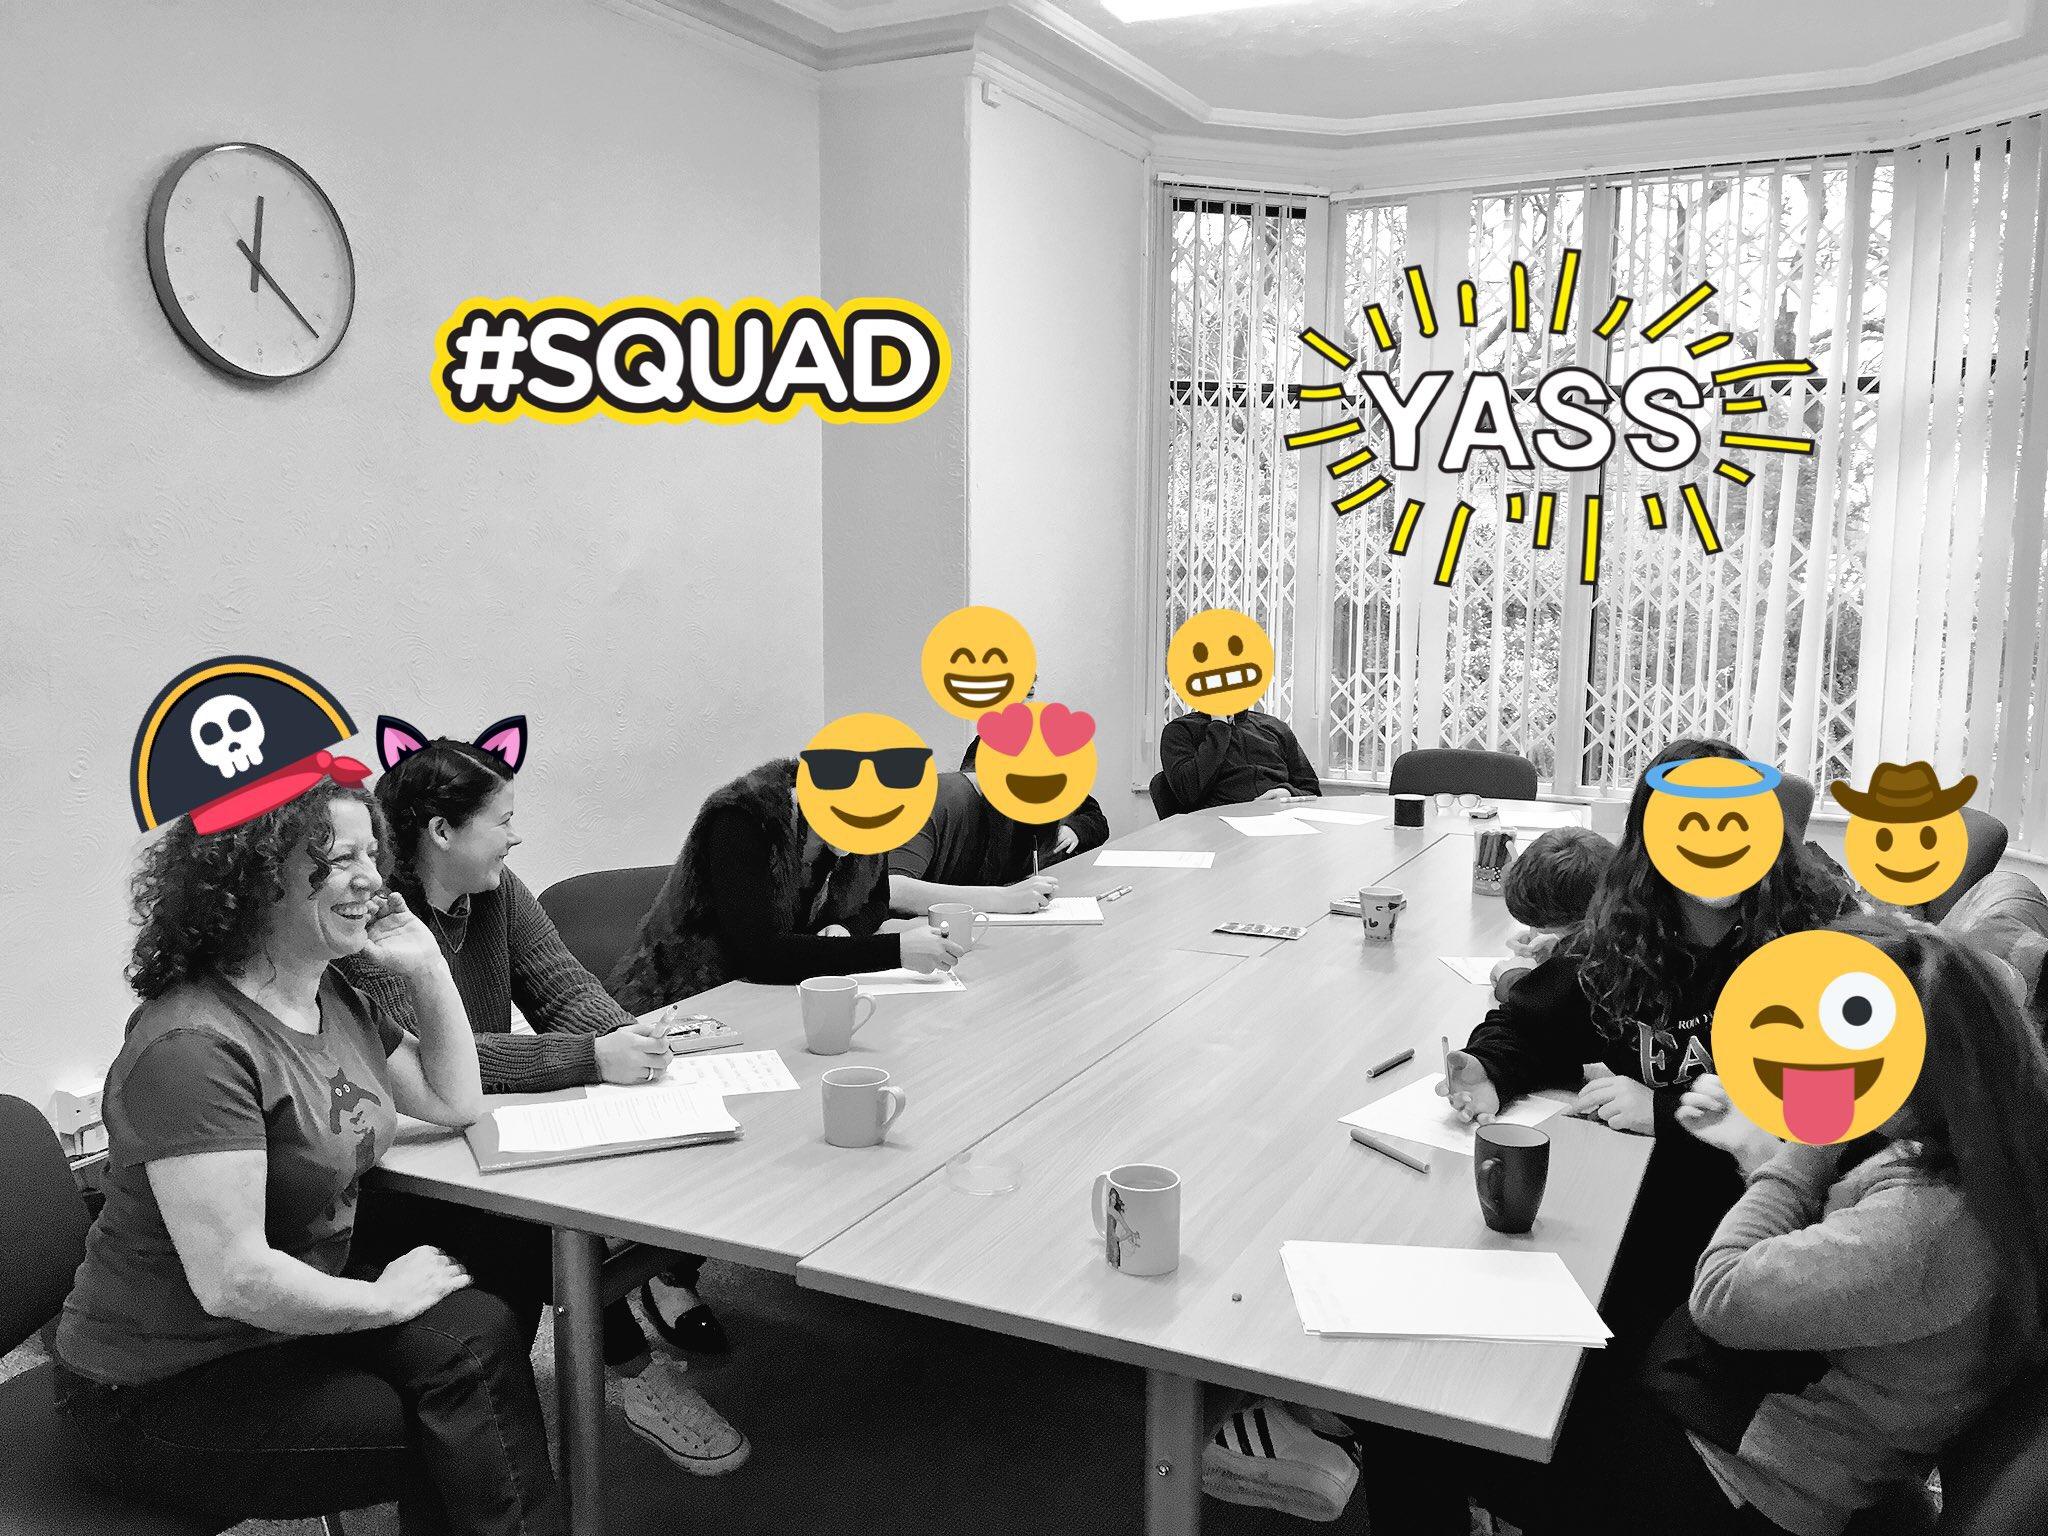 Image of teens in meeting